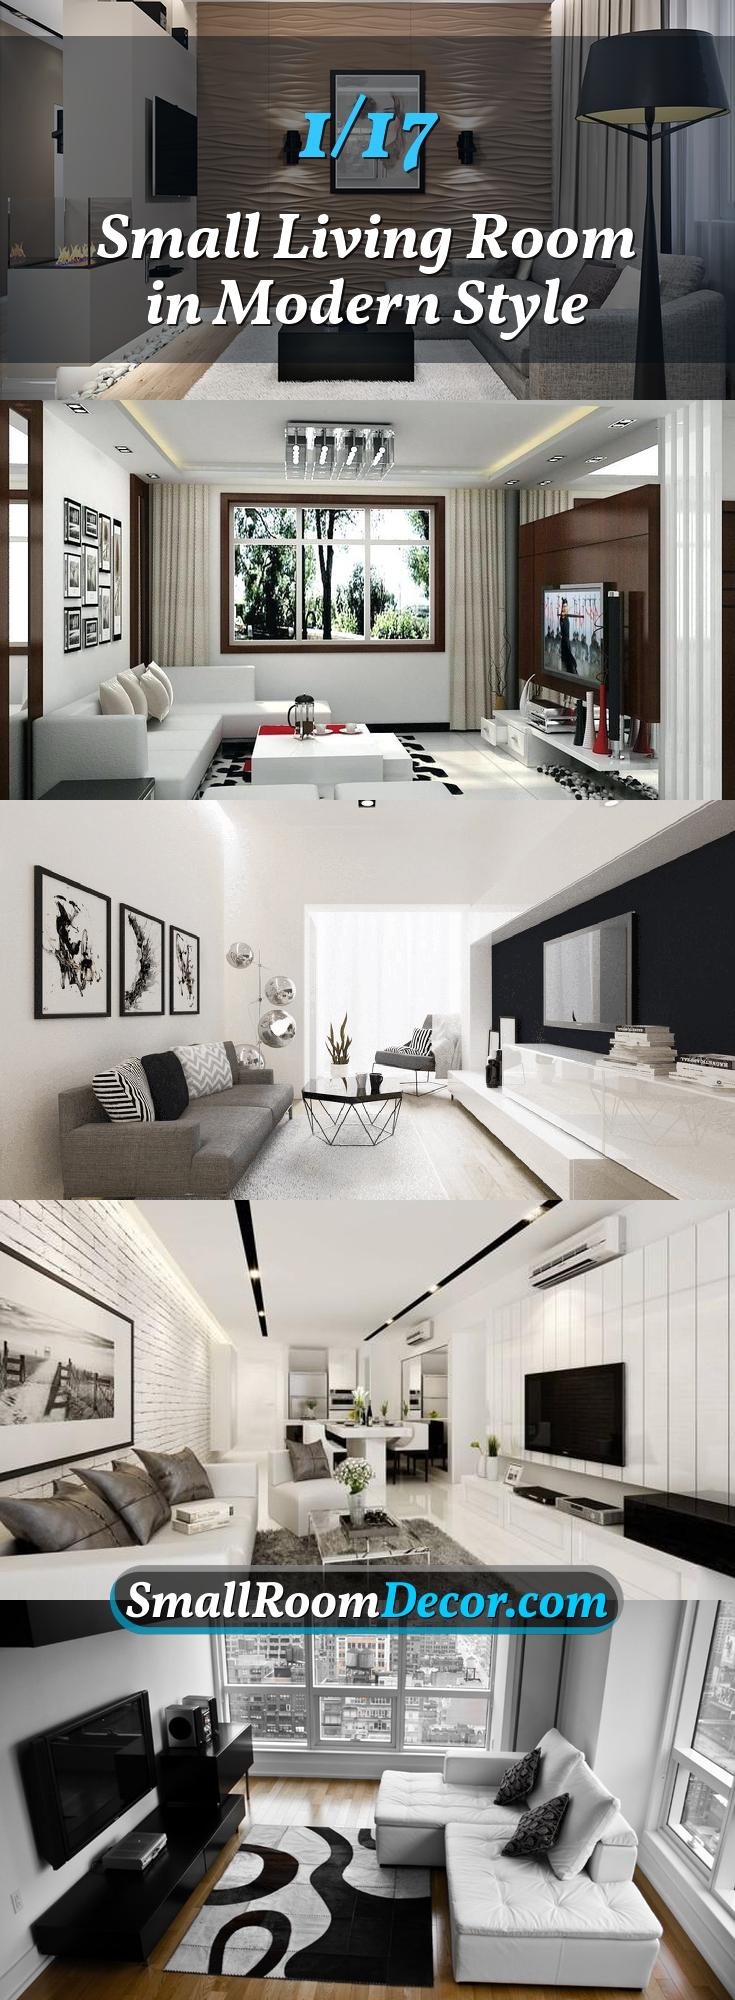 #livingroommodern